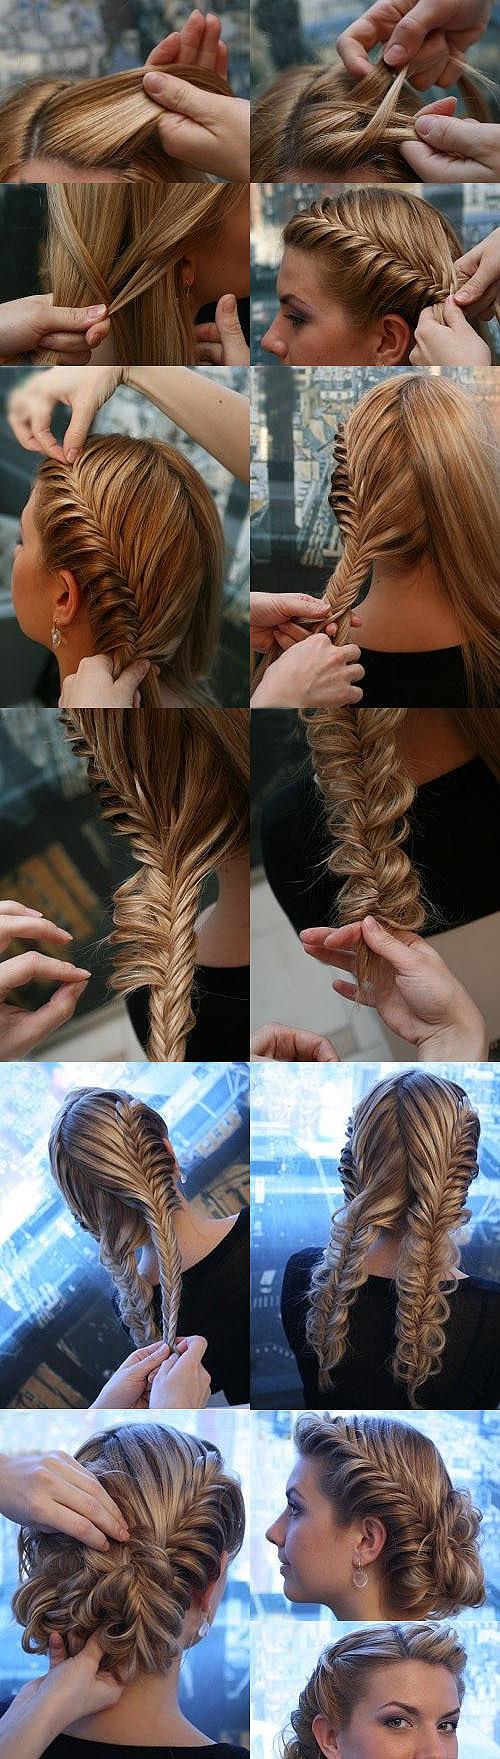 схема плетений кос узелками